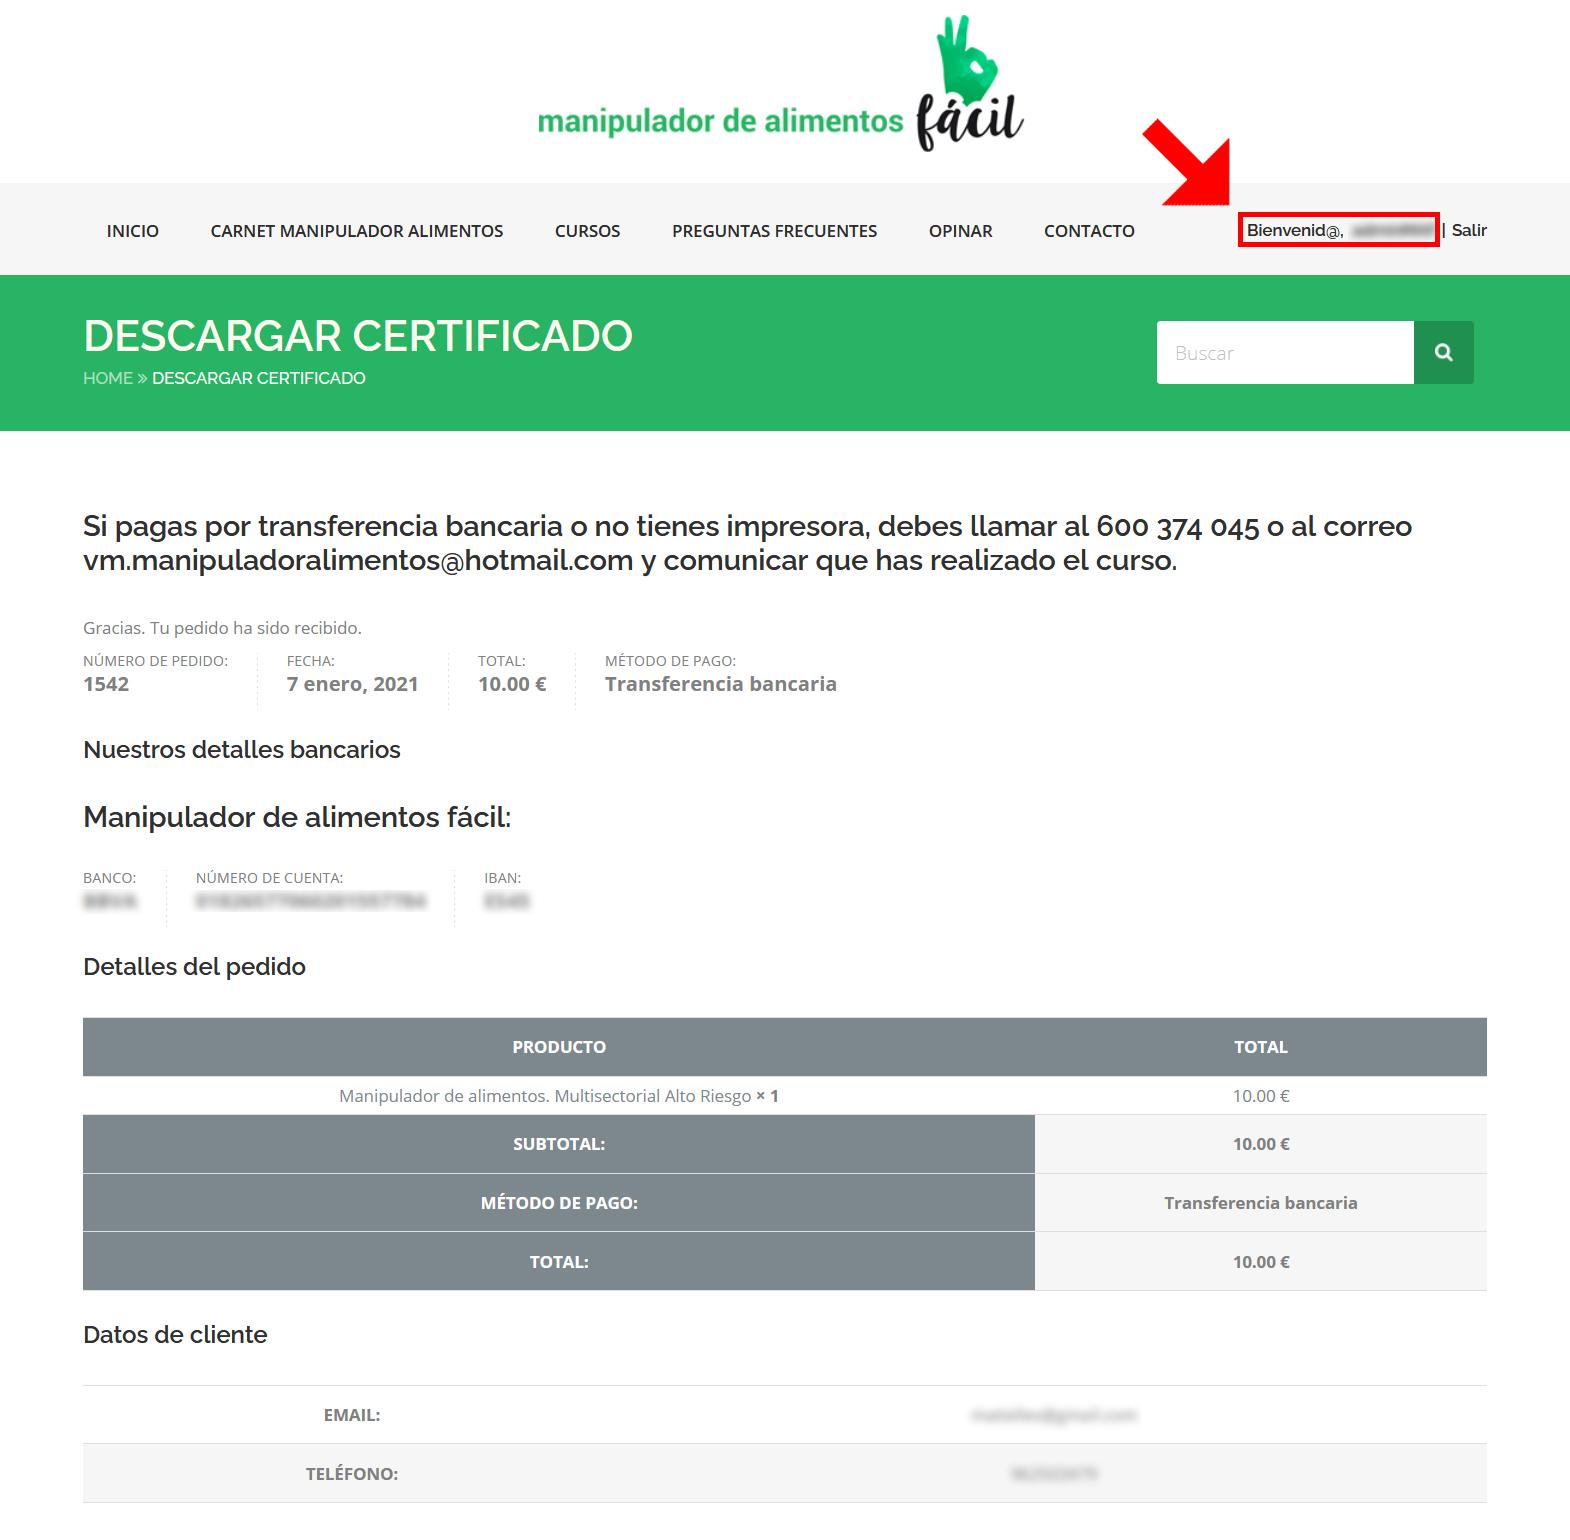 Descargar certificado - Paso 1